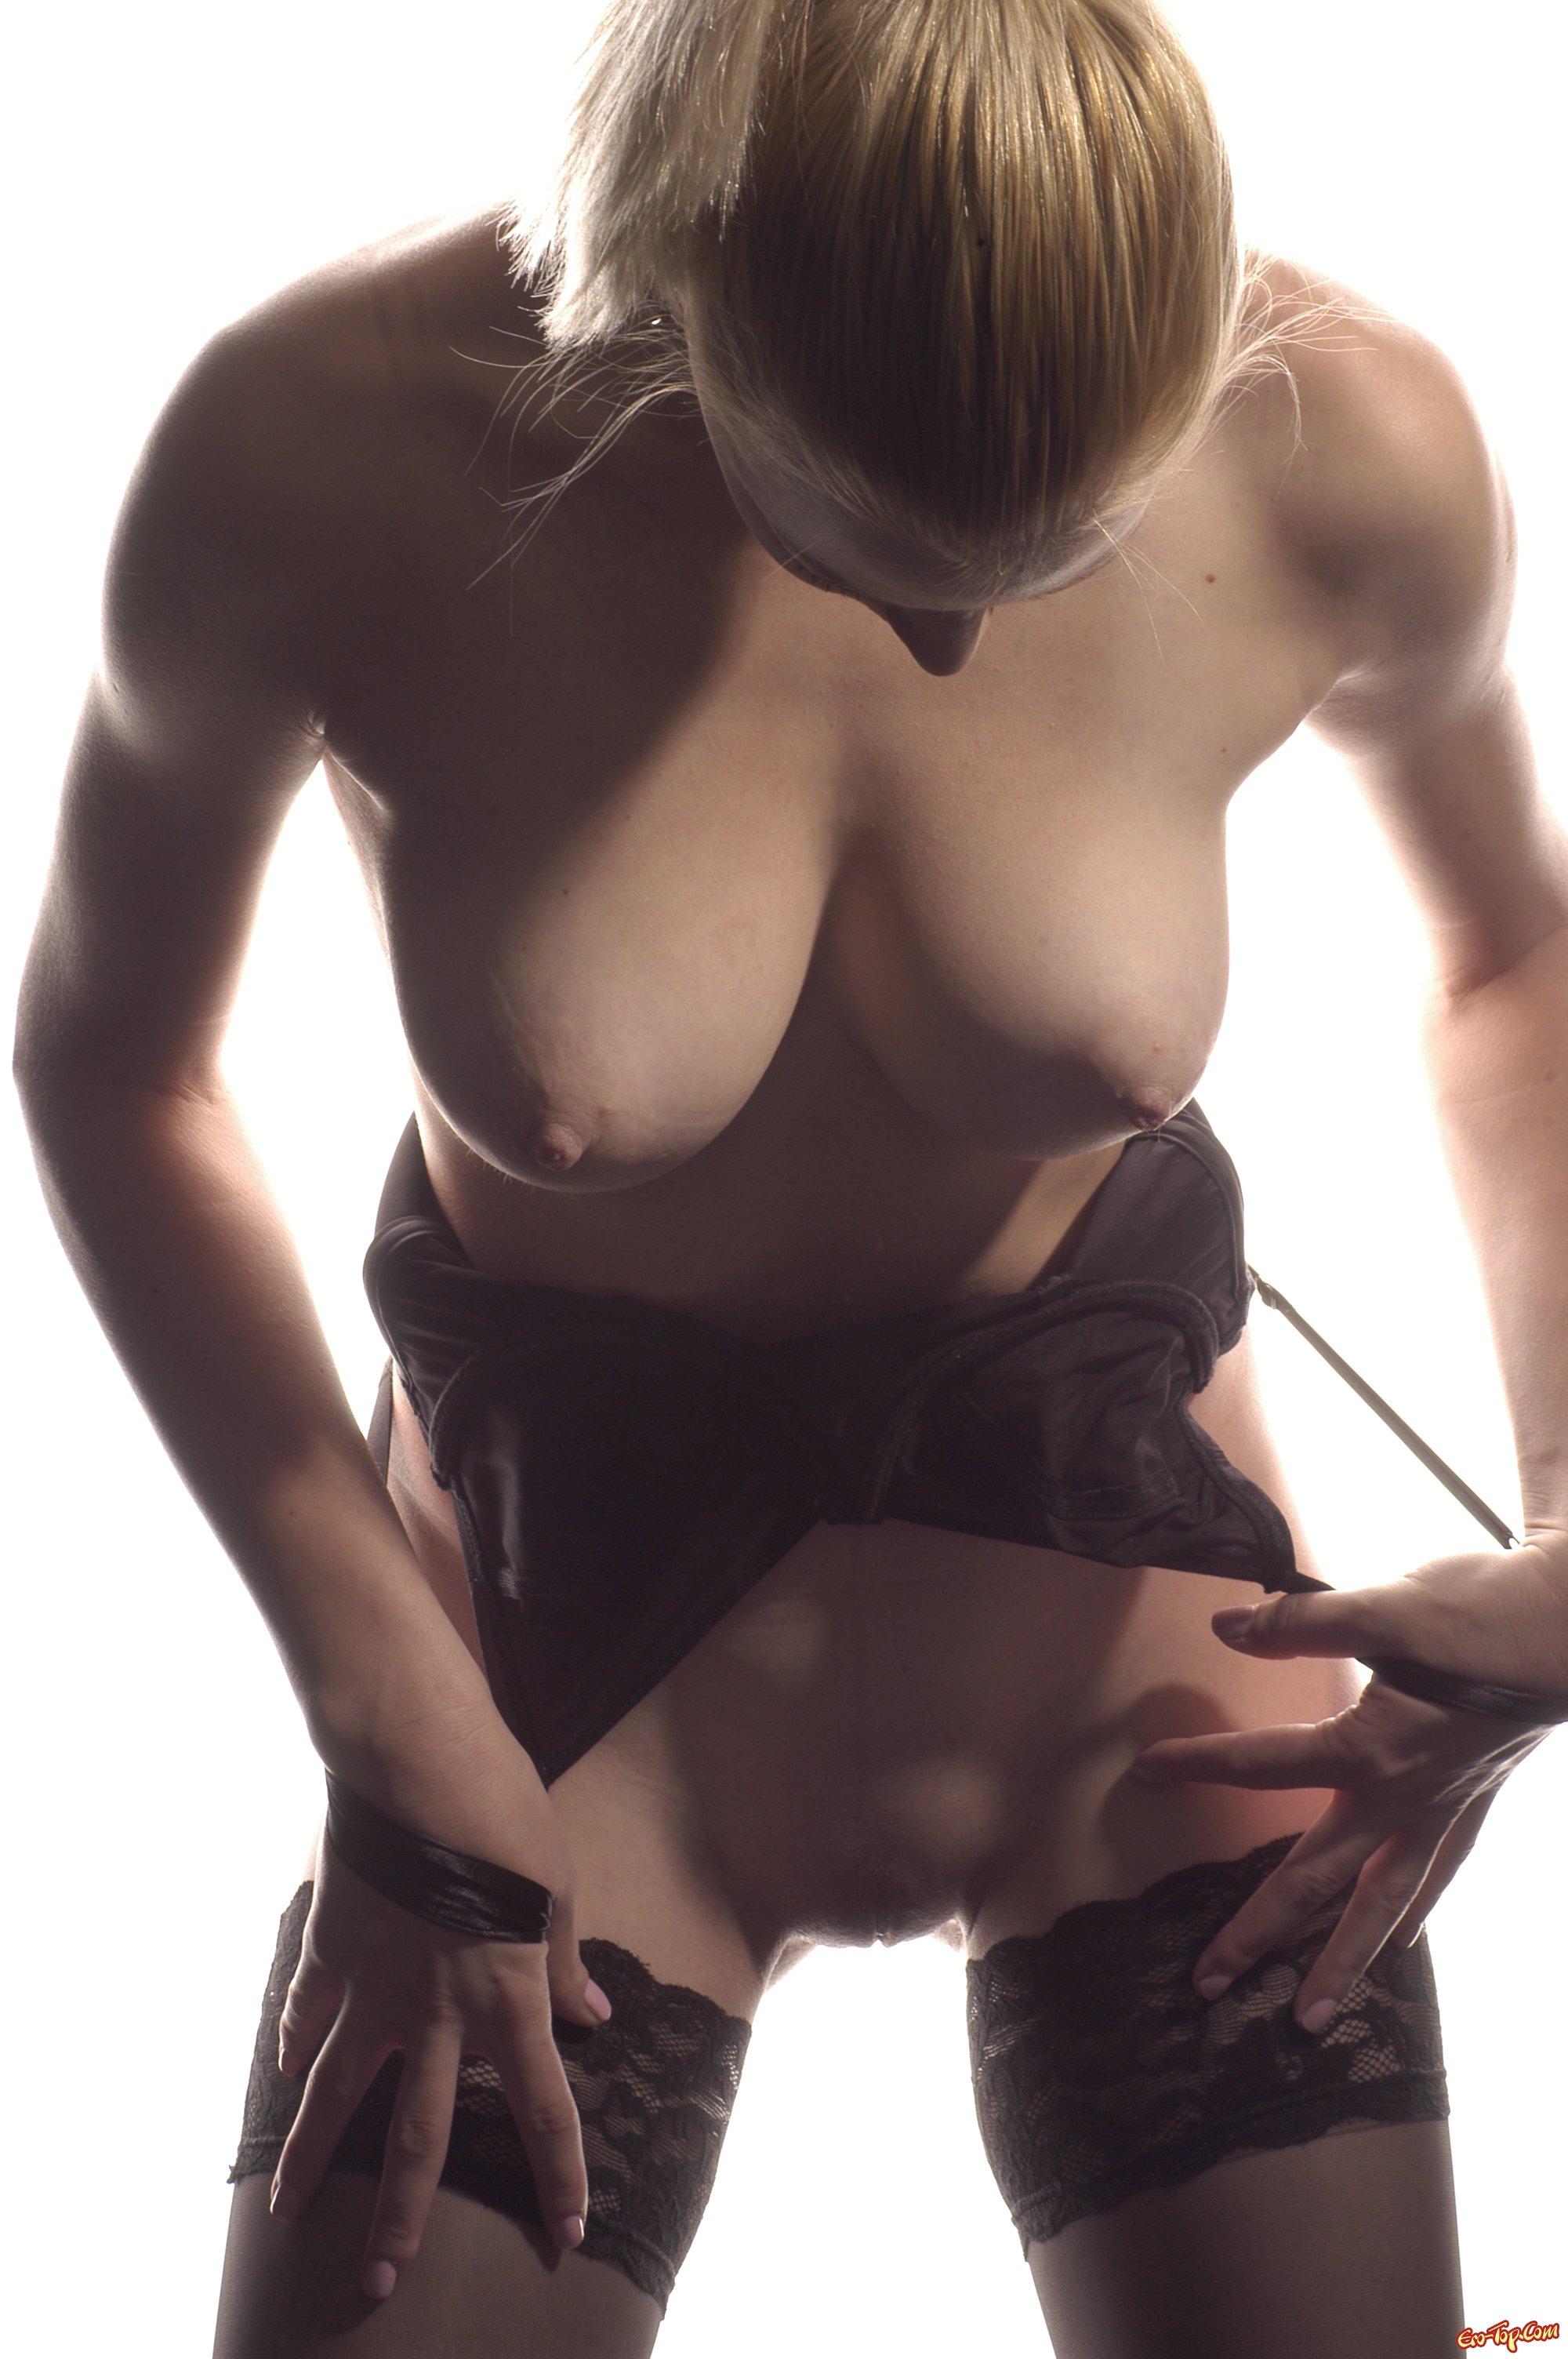 Голые сиськи и сисечки - красивые девушки с голыми ...